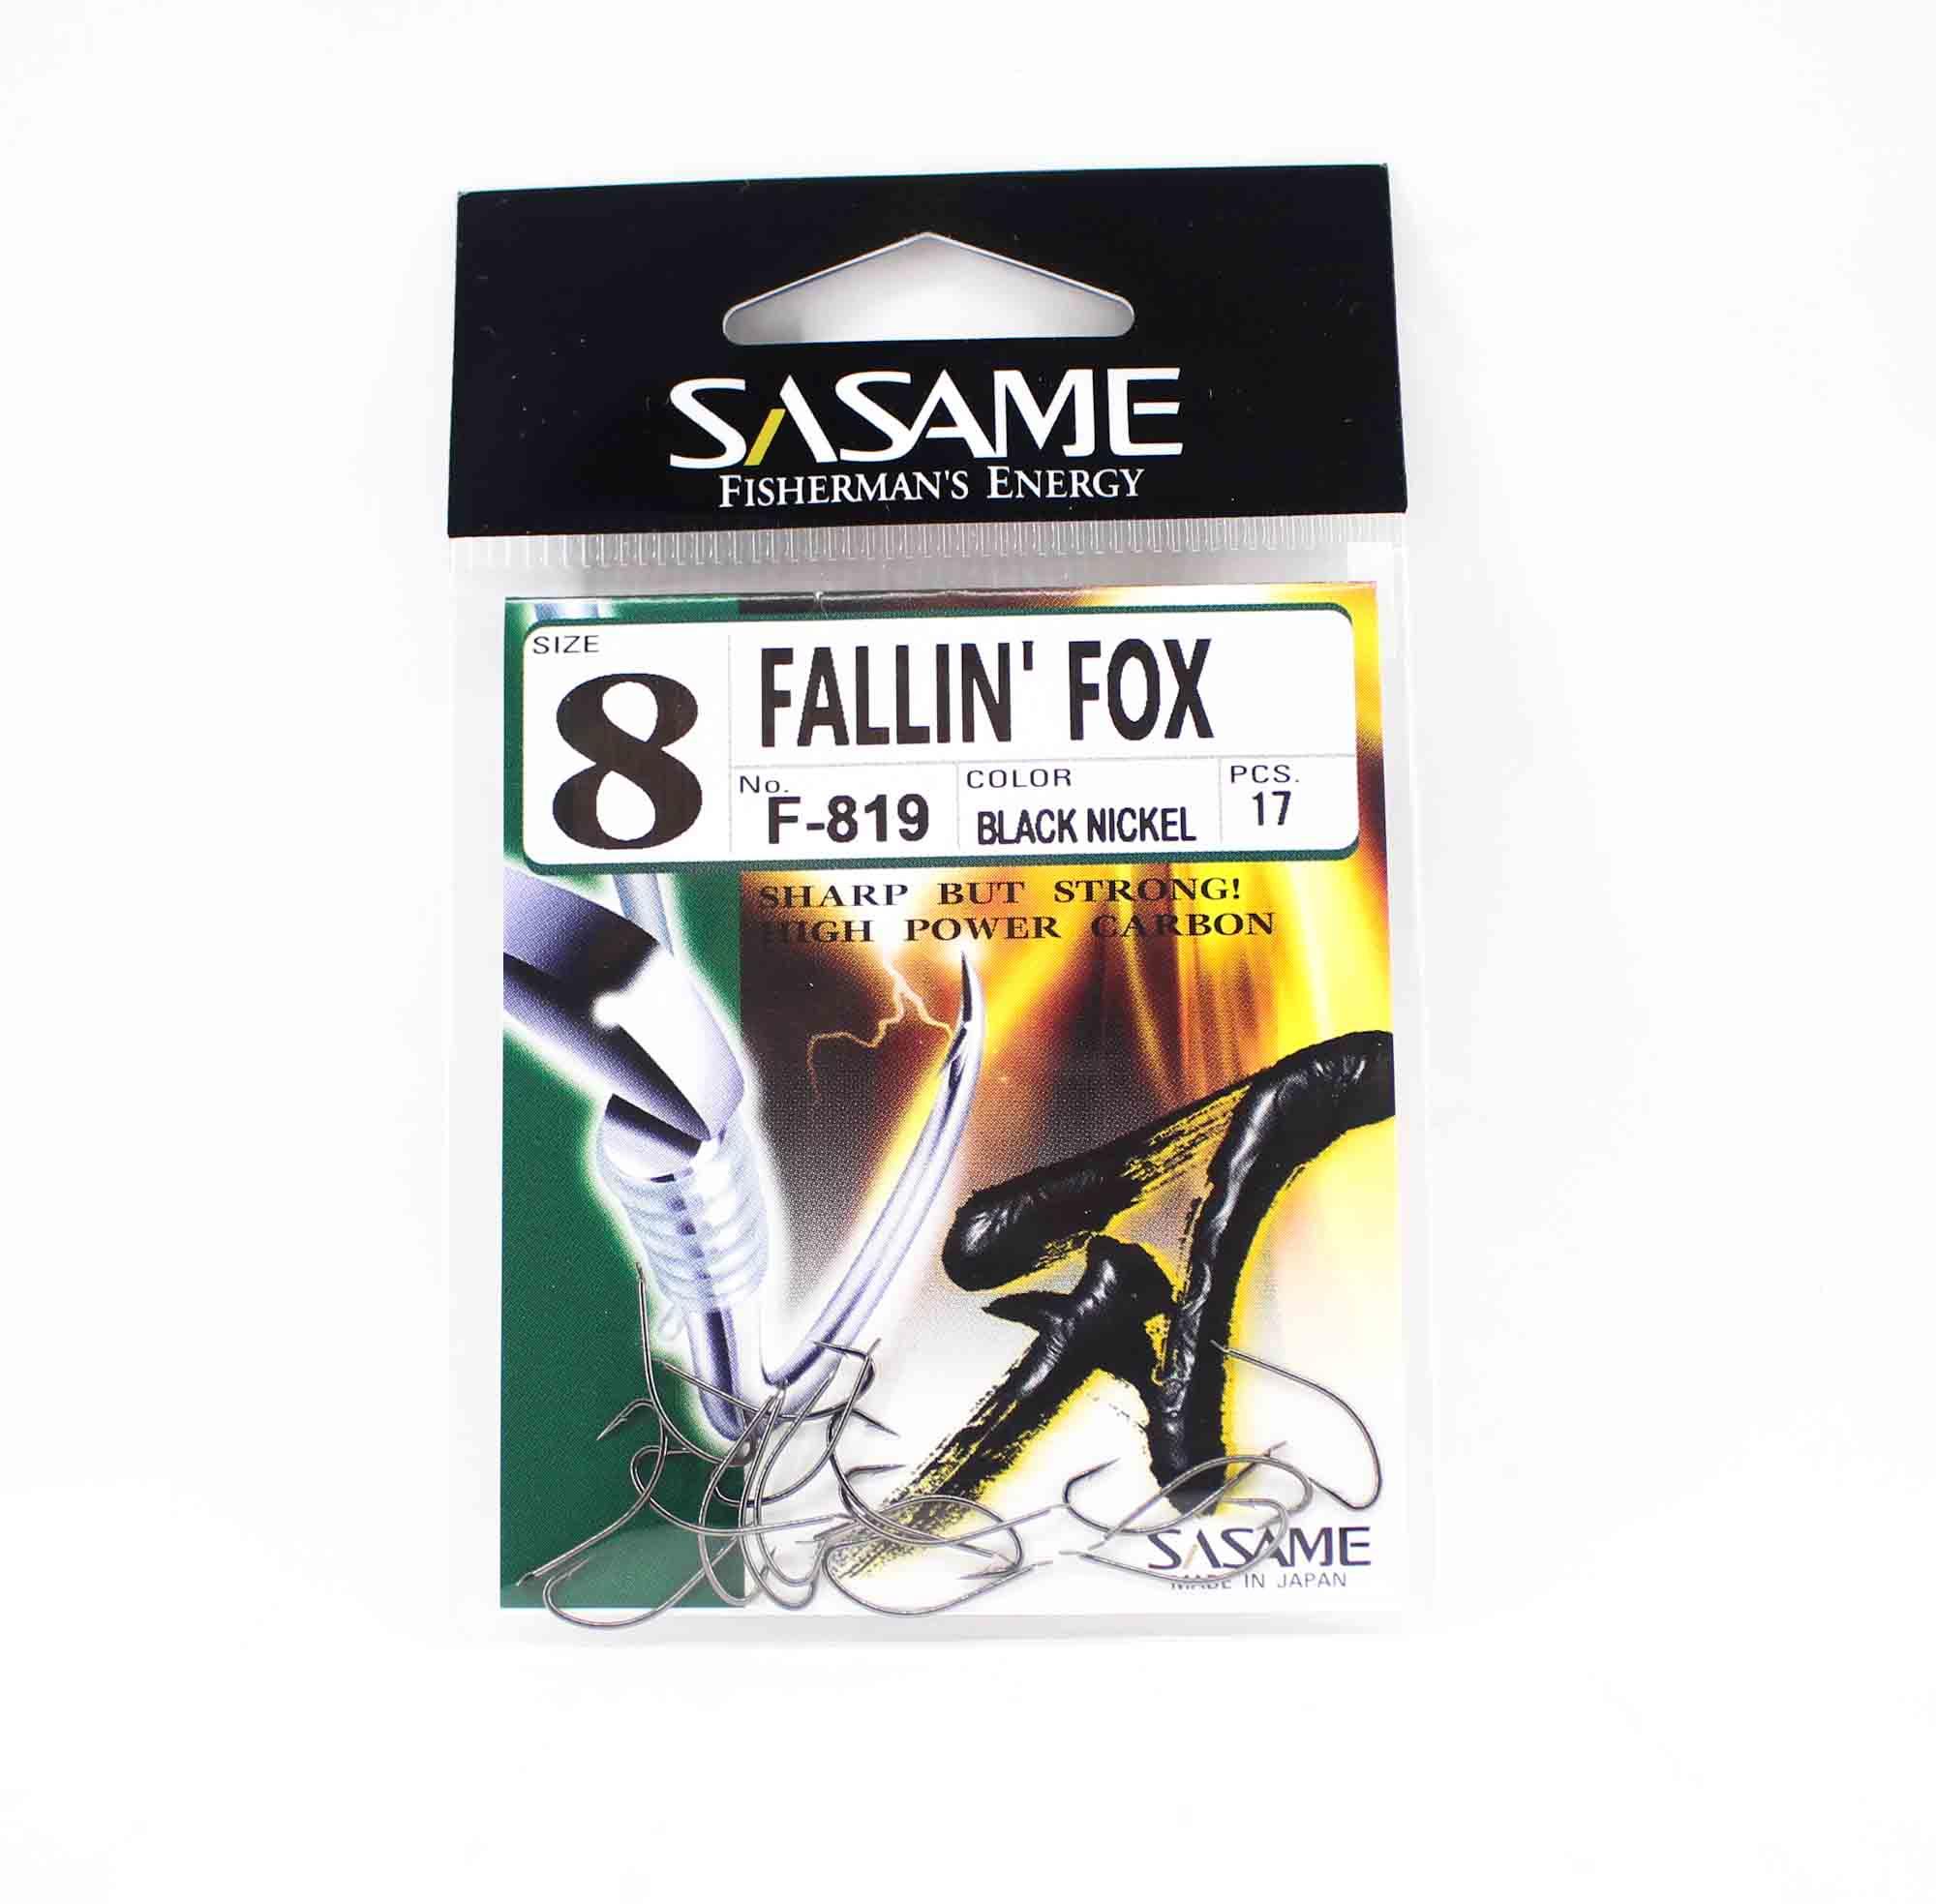 Sasame F-819 Falling Fox Bait Hook Size 8 (5865)